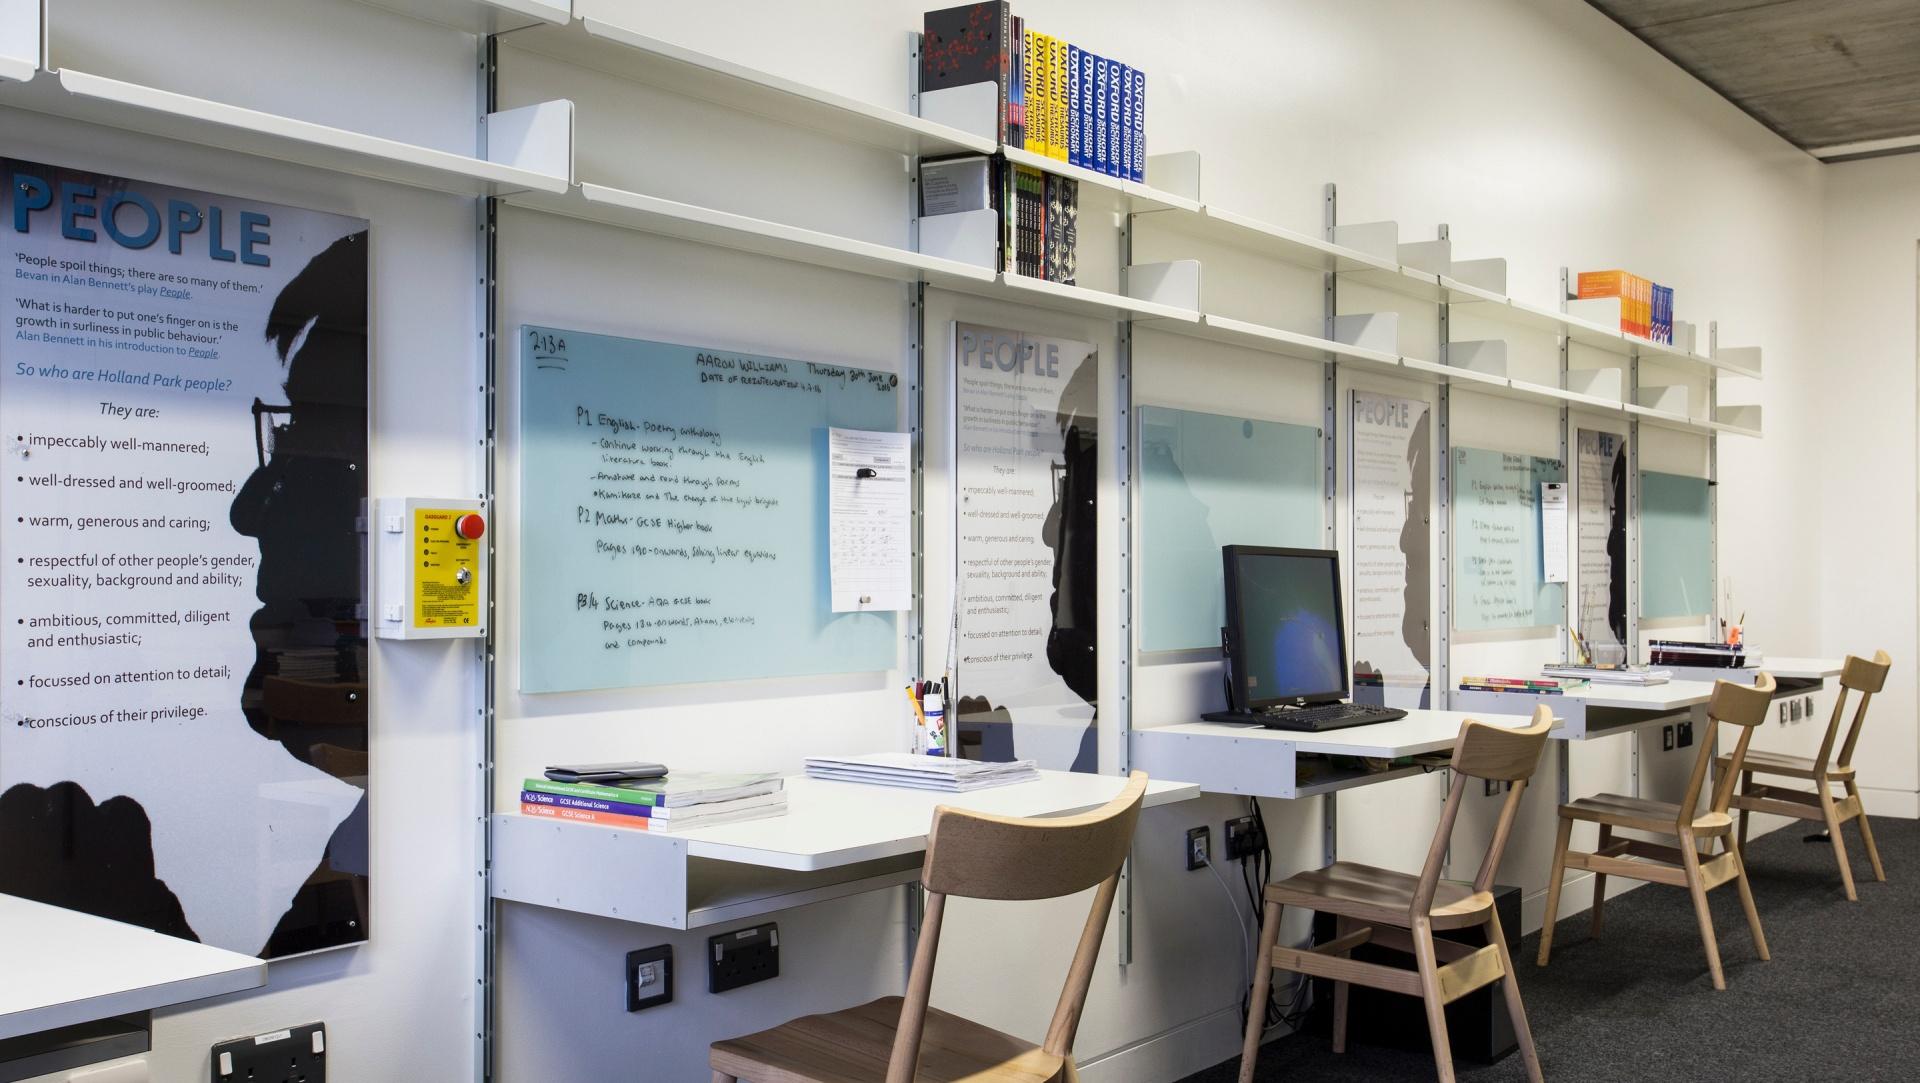 Das Regalsystem 606 in Schul- oder Büroräumen ermöglicht zukunftssicheres Planen: Bei Bedarf können weitere Tische ergänzt oder existierende durch Tablare ersetzt werden, wenn mehr Stauraum erforderlich wird.